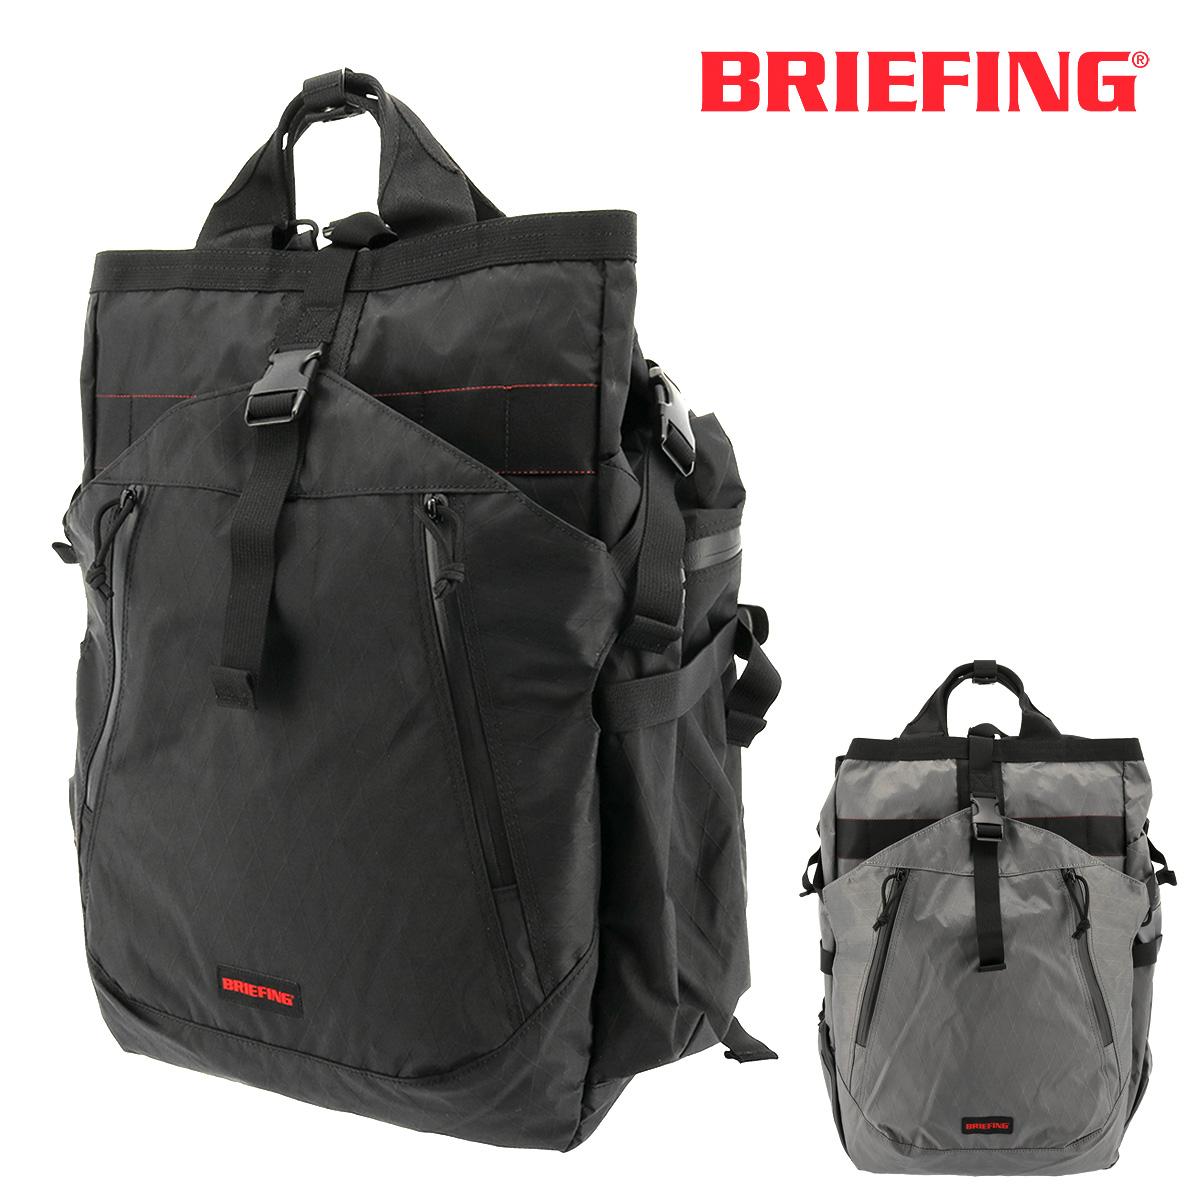 ブリーフィング リュック 大容量 メンズ トランジションバッグ XP BRM183108 BRIEFING リュックサック バックパック スクエア A4 軽量 防水 ナイロン【即日発送】